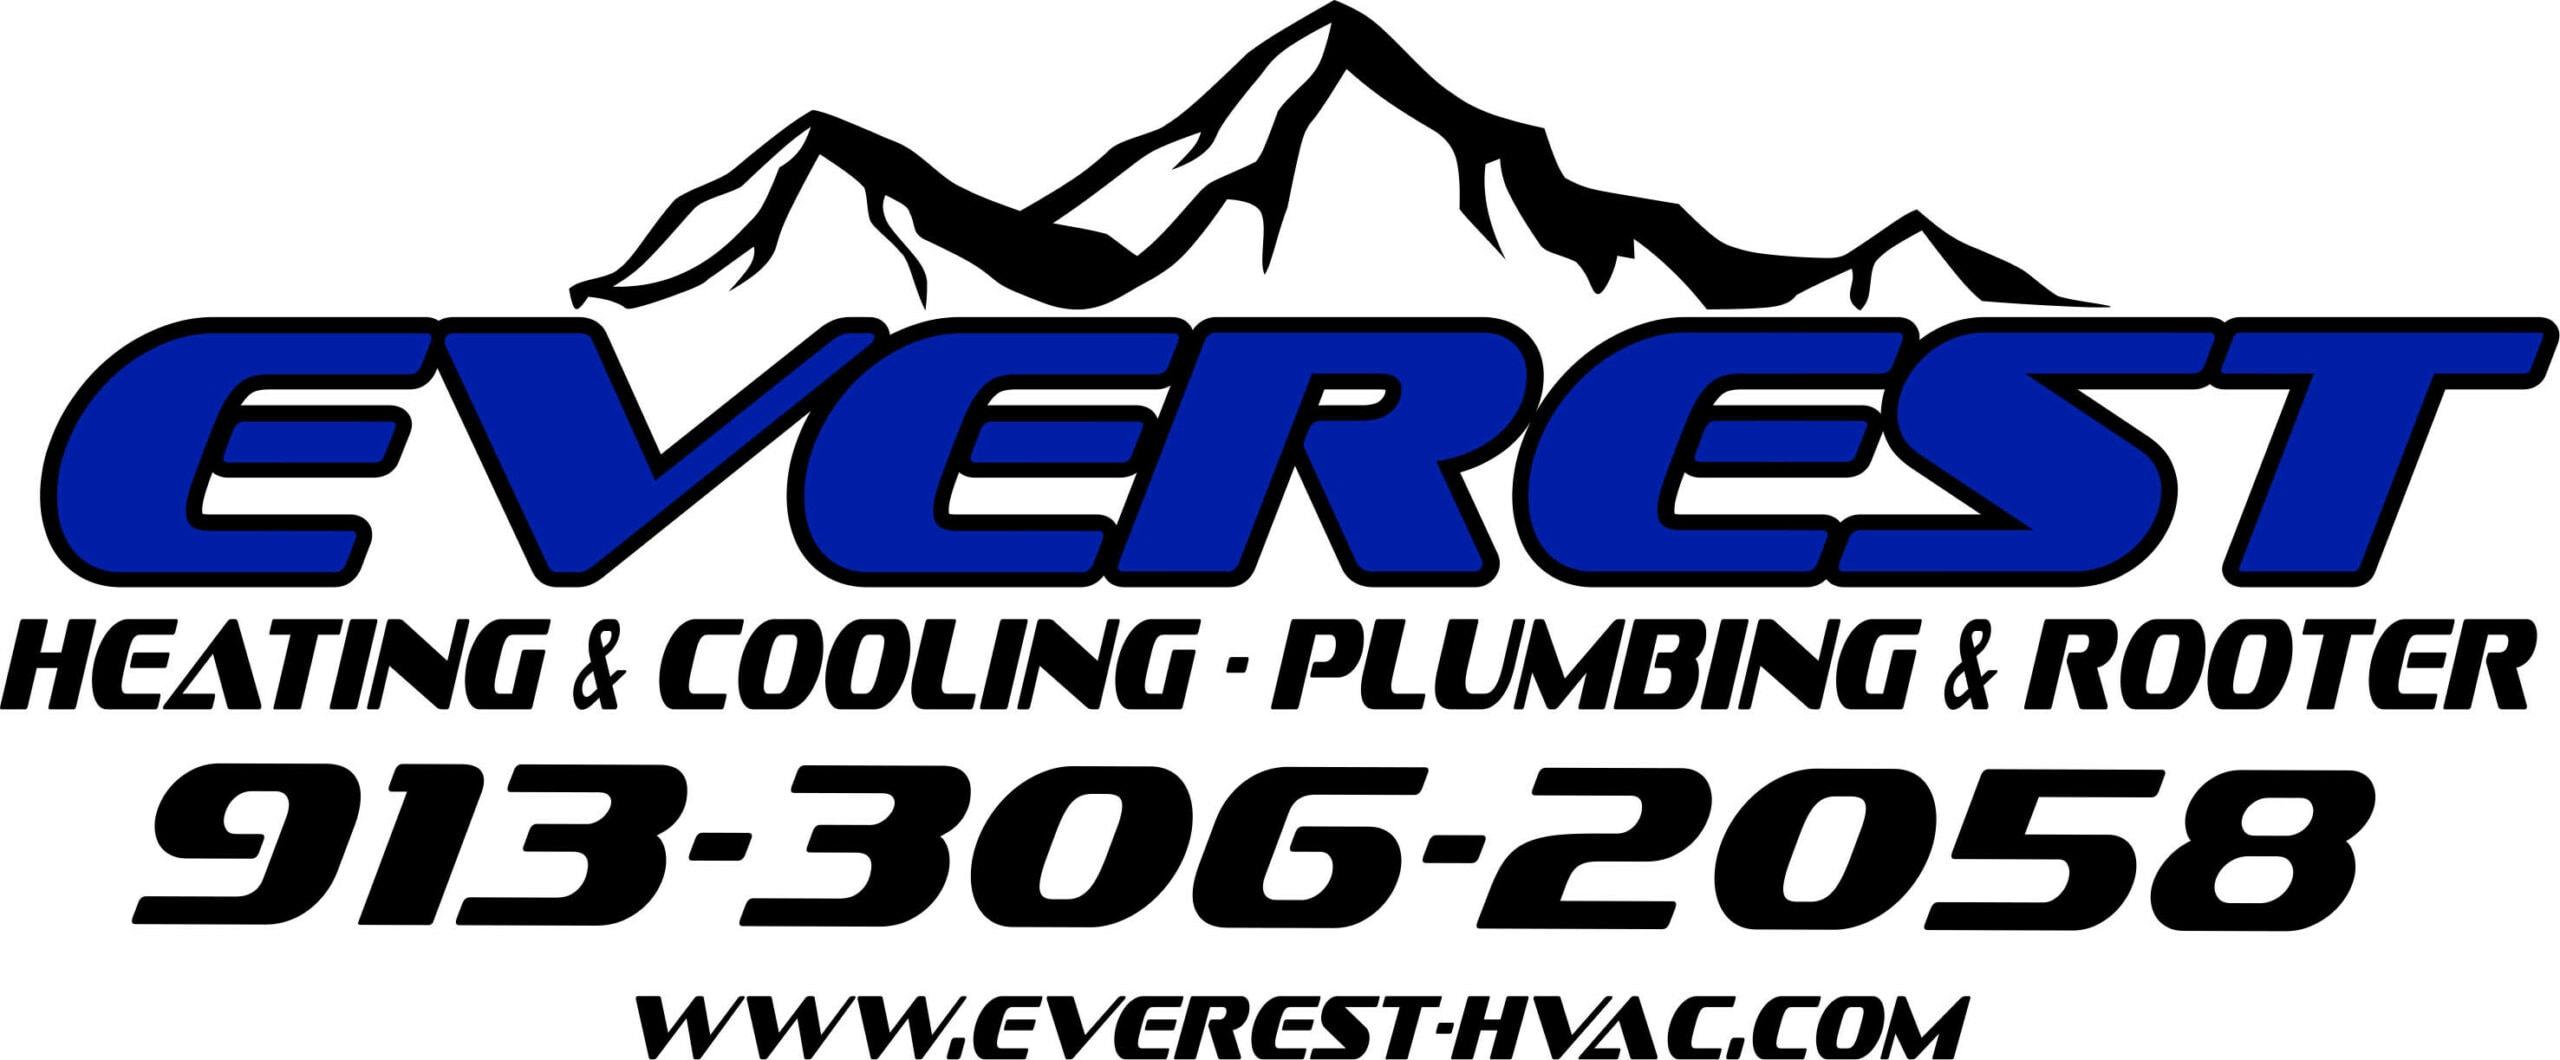 Everest logo large pdf